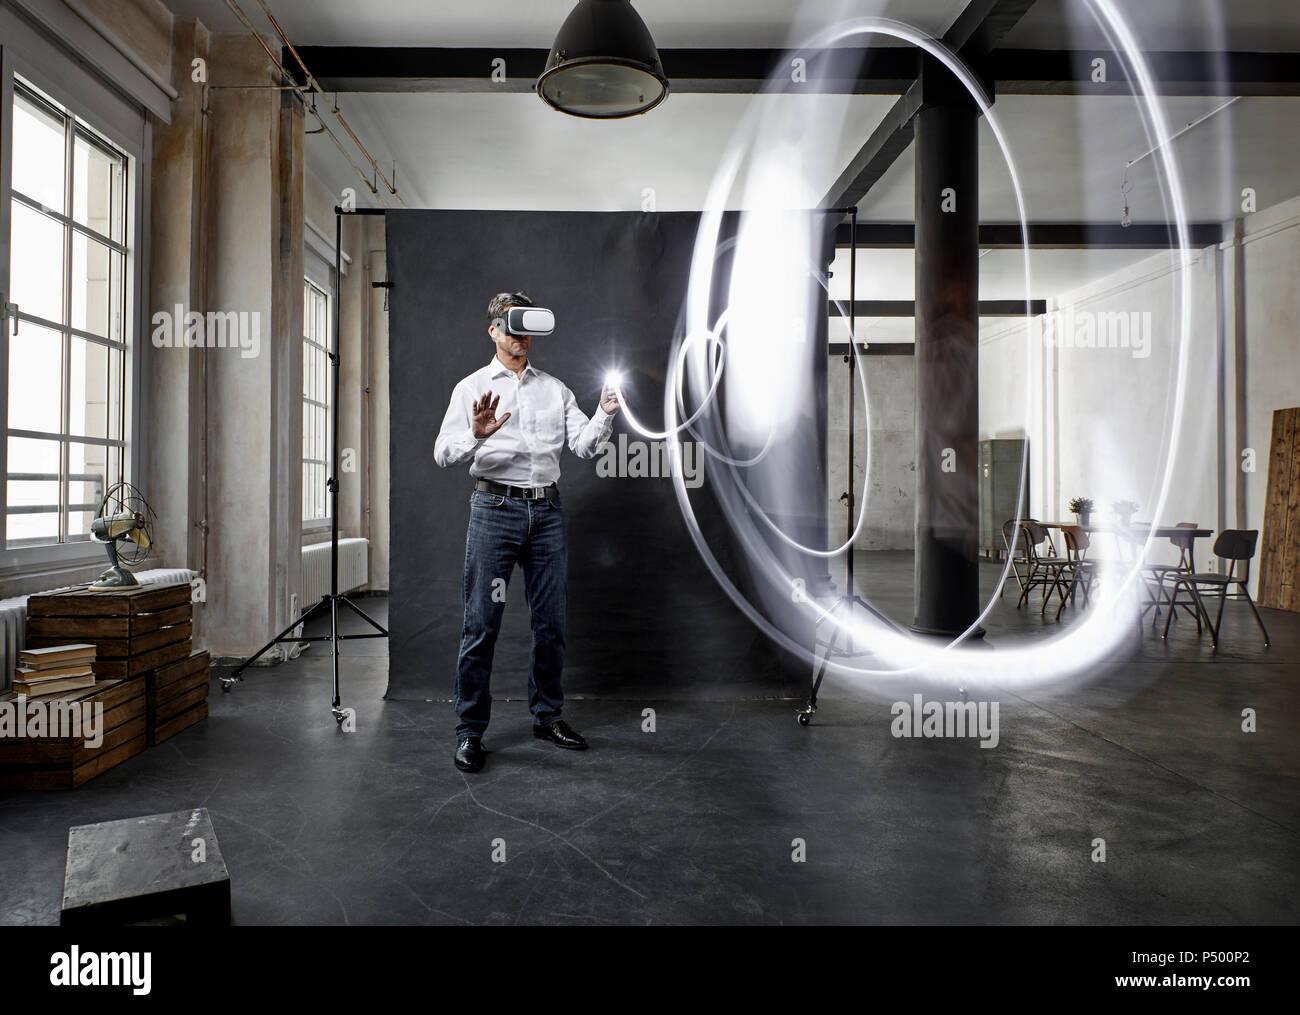 Uomo maturo con occhiali vr pittura luce davanti a sfondo nero in mansarda Immagini Stock